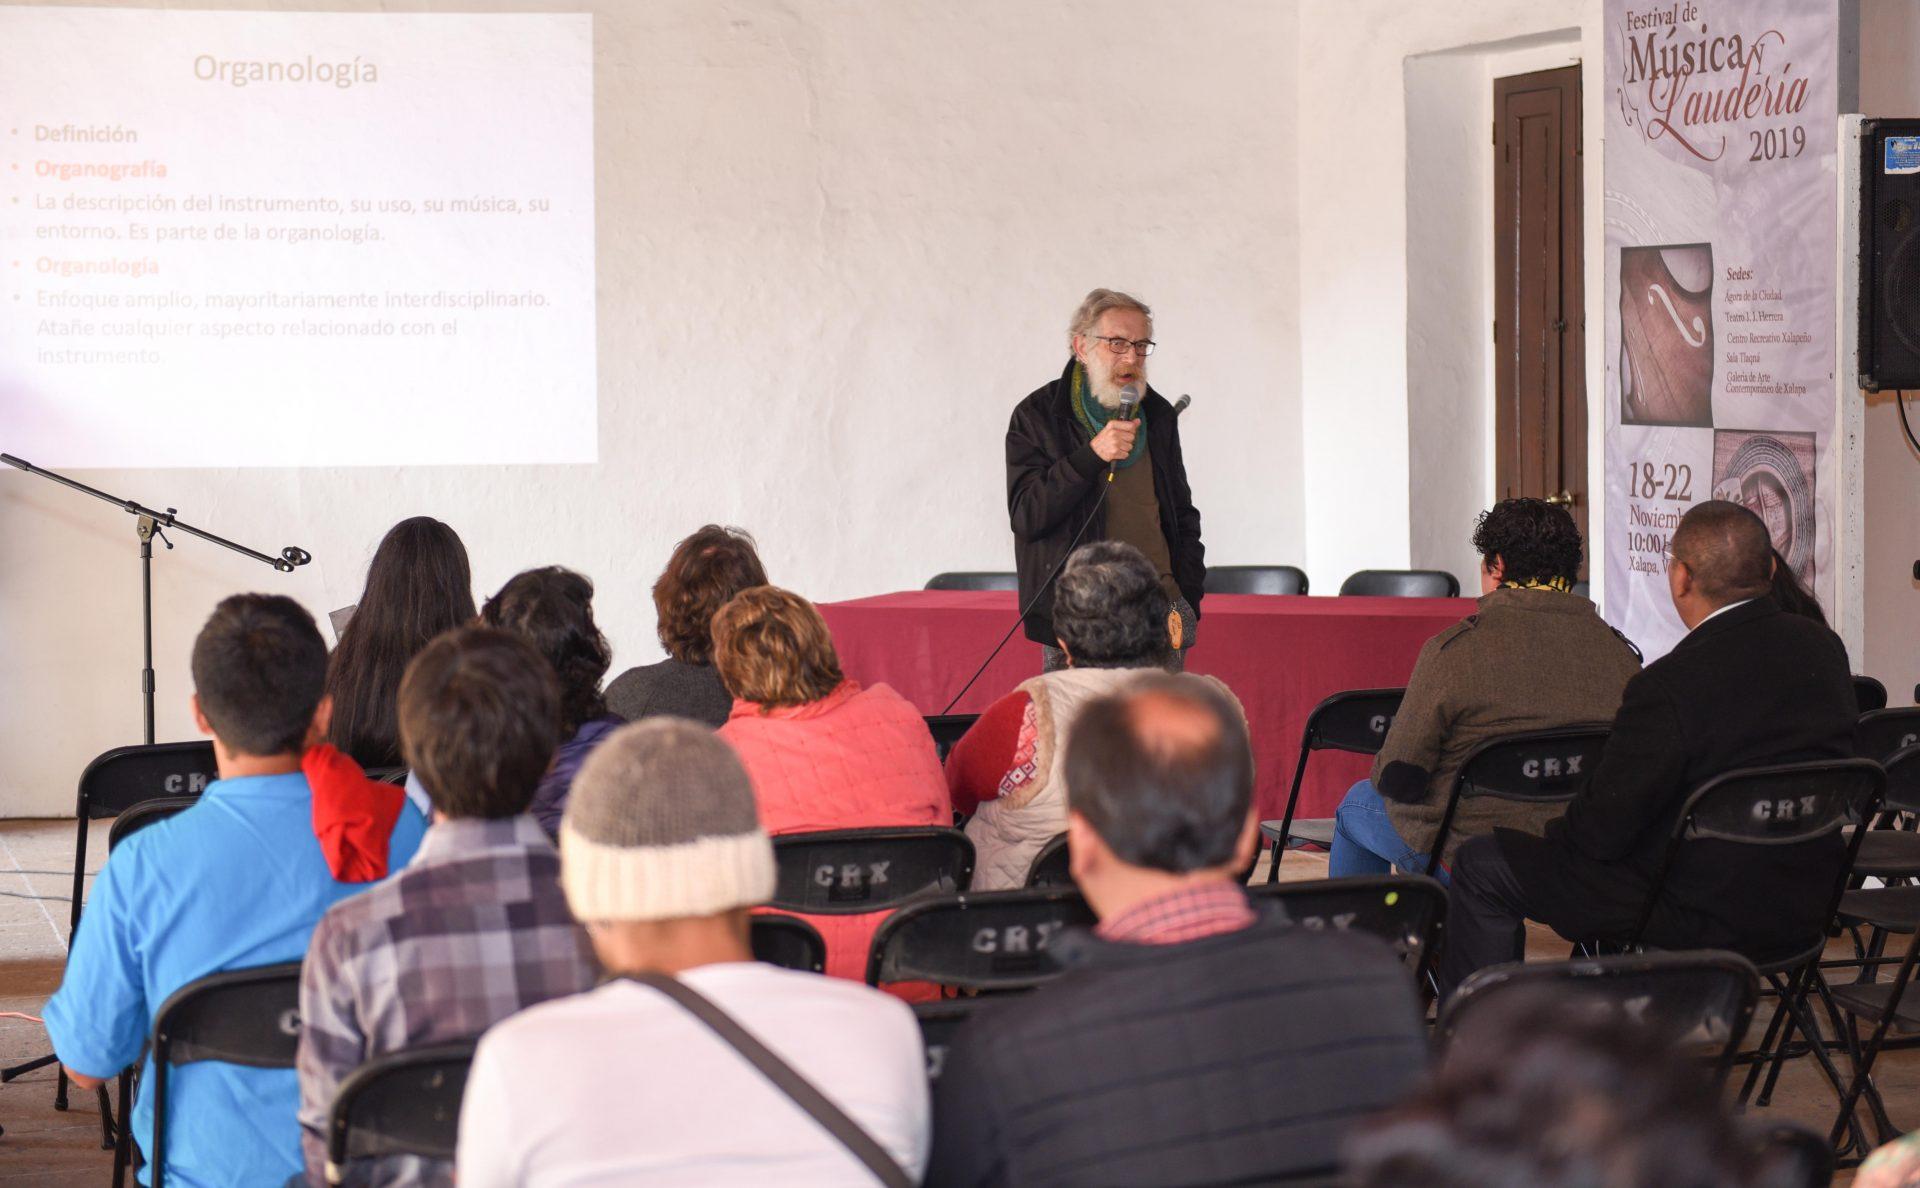 Imparte Miguel Zenker Hackett conferencia magistral de Organología en Xalapa - plumas libres